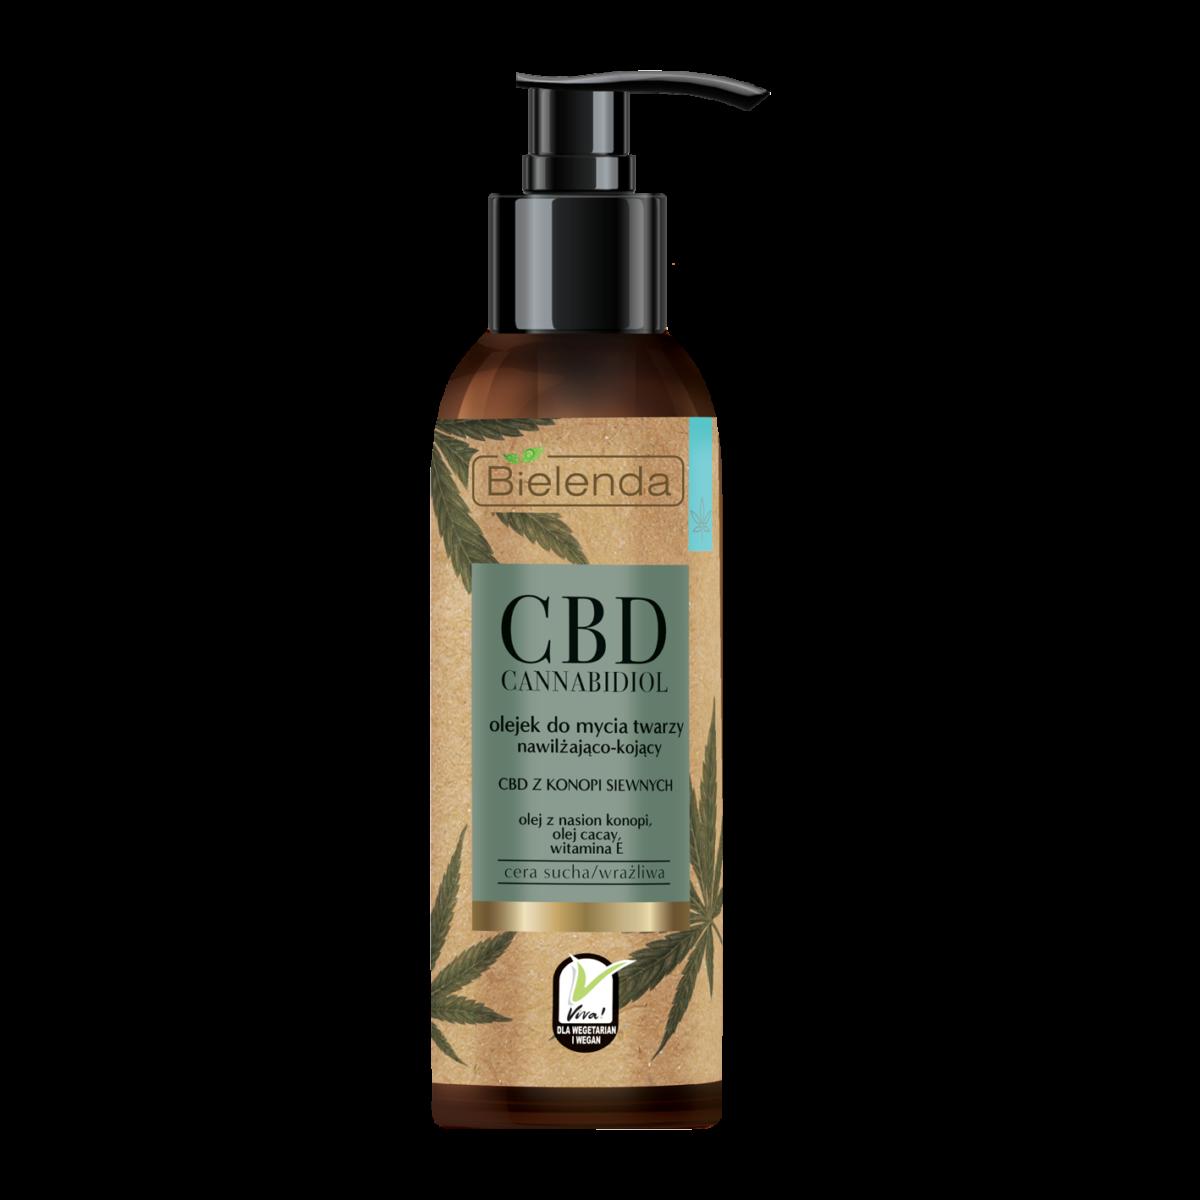 CBD Cannabidiol Olejek do mycia twarzy z CBD z konopi siewnych – c.sucha, wrażliwa 140 ml